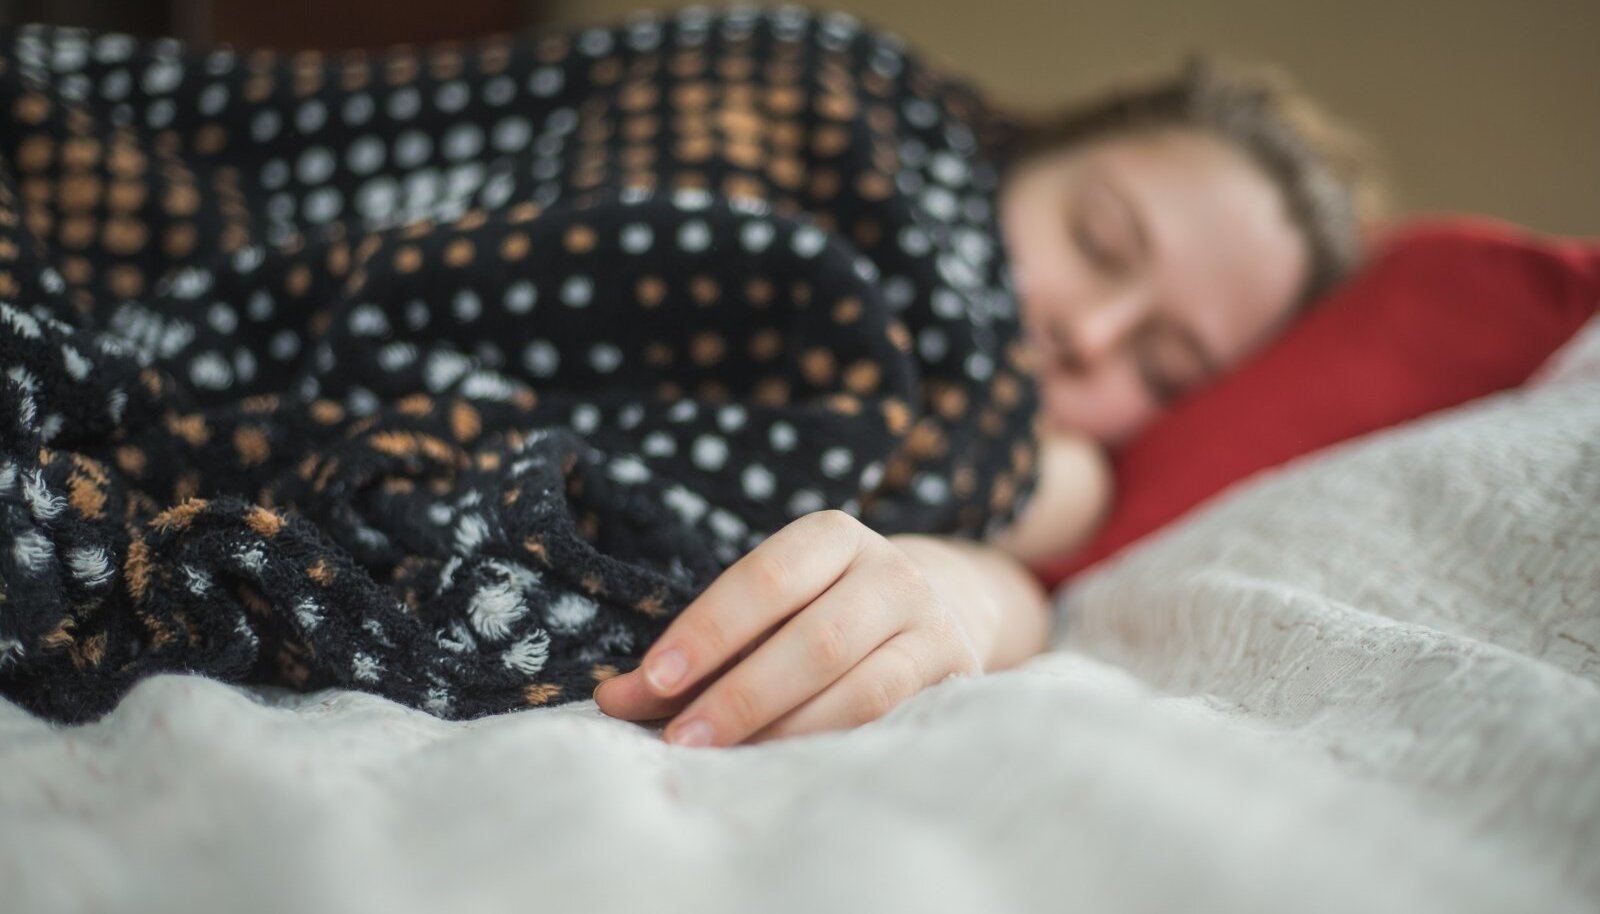 """""""Õhtul töölt koju jõudes viskasin diivanile pikali, et puhkan 15 minutit, aga ärkasin kell üheksa."""" Foto on illustreeriv"""